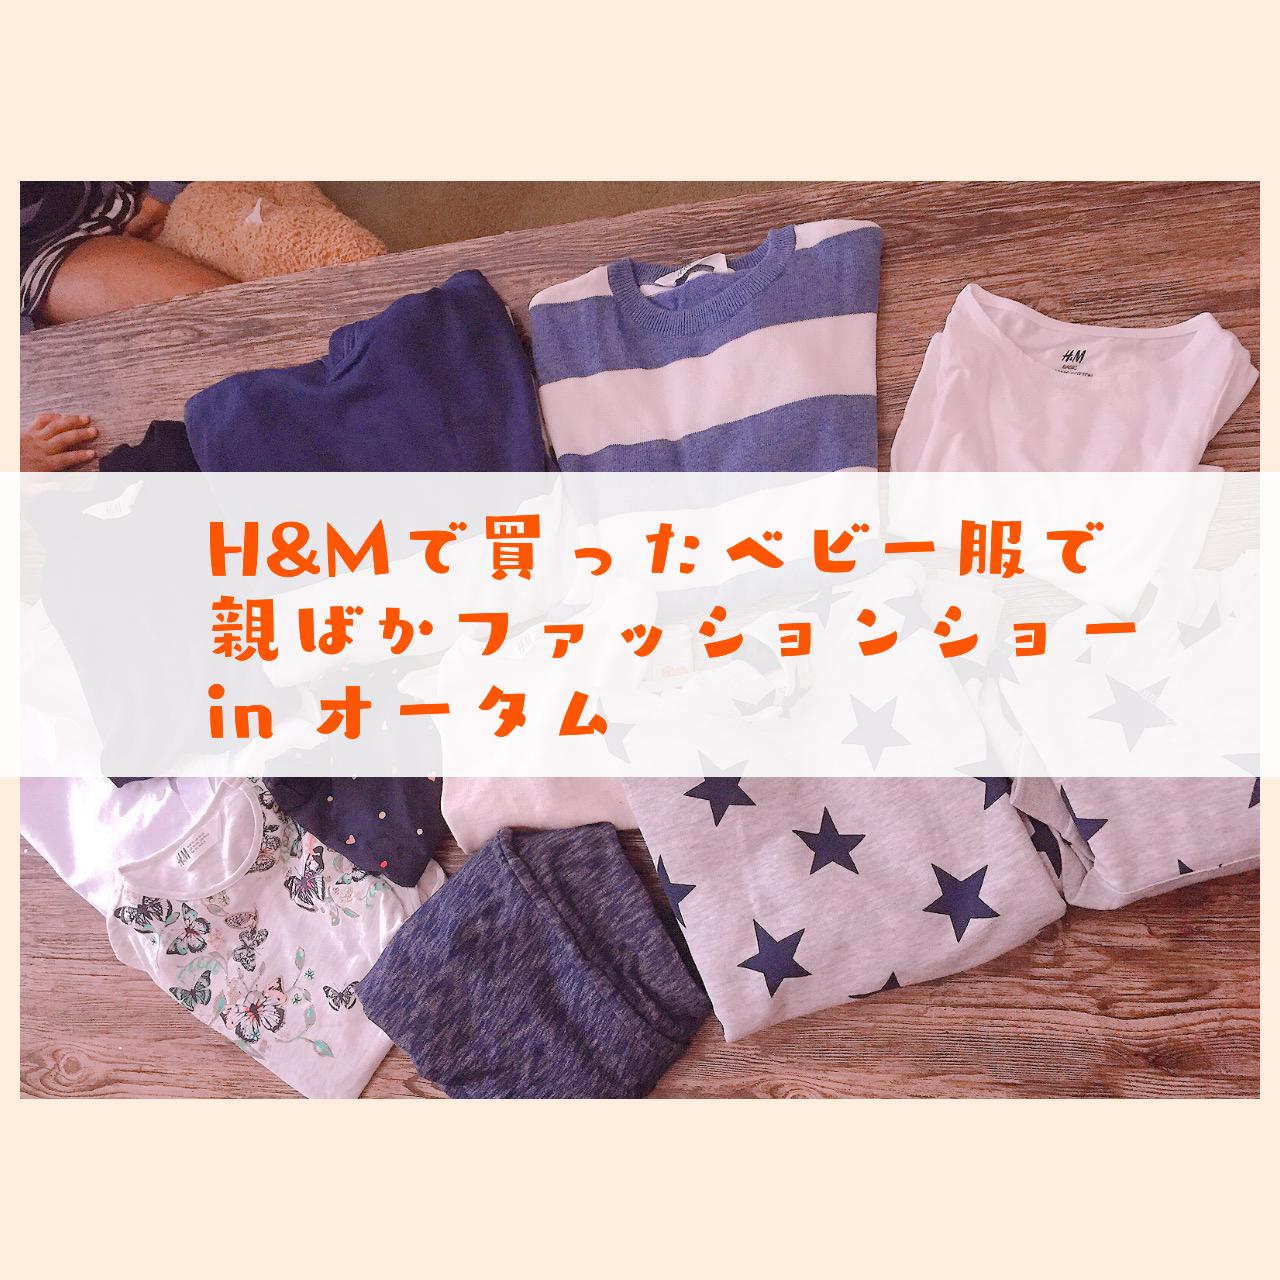 【予算1万円】H&Mで買ったベビー服で親ばかファッションショー in オータム